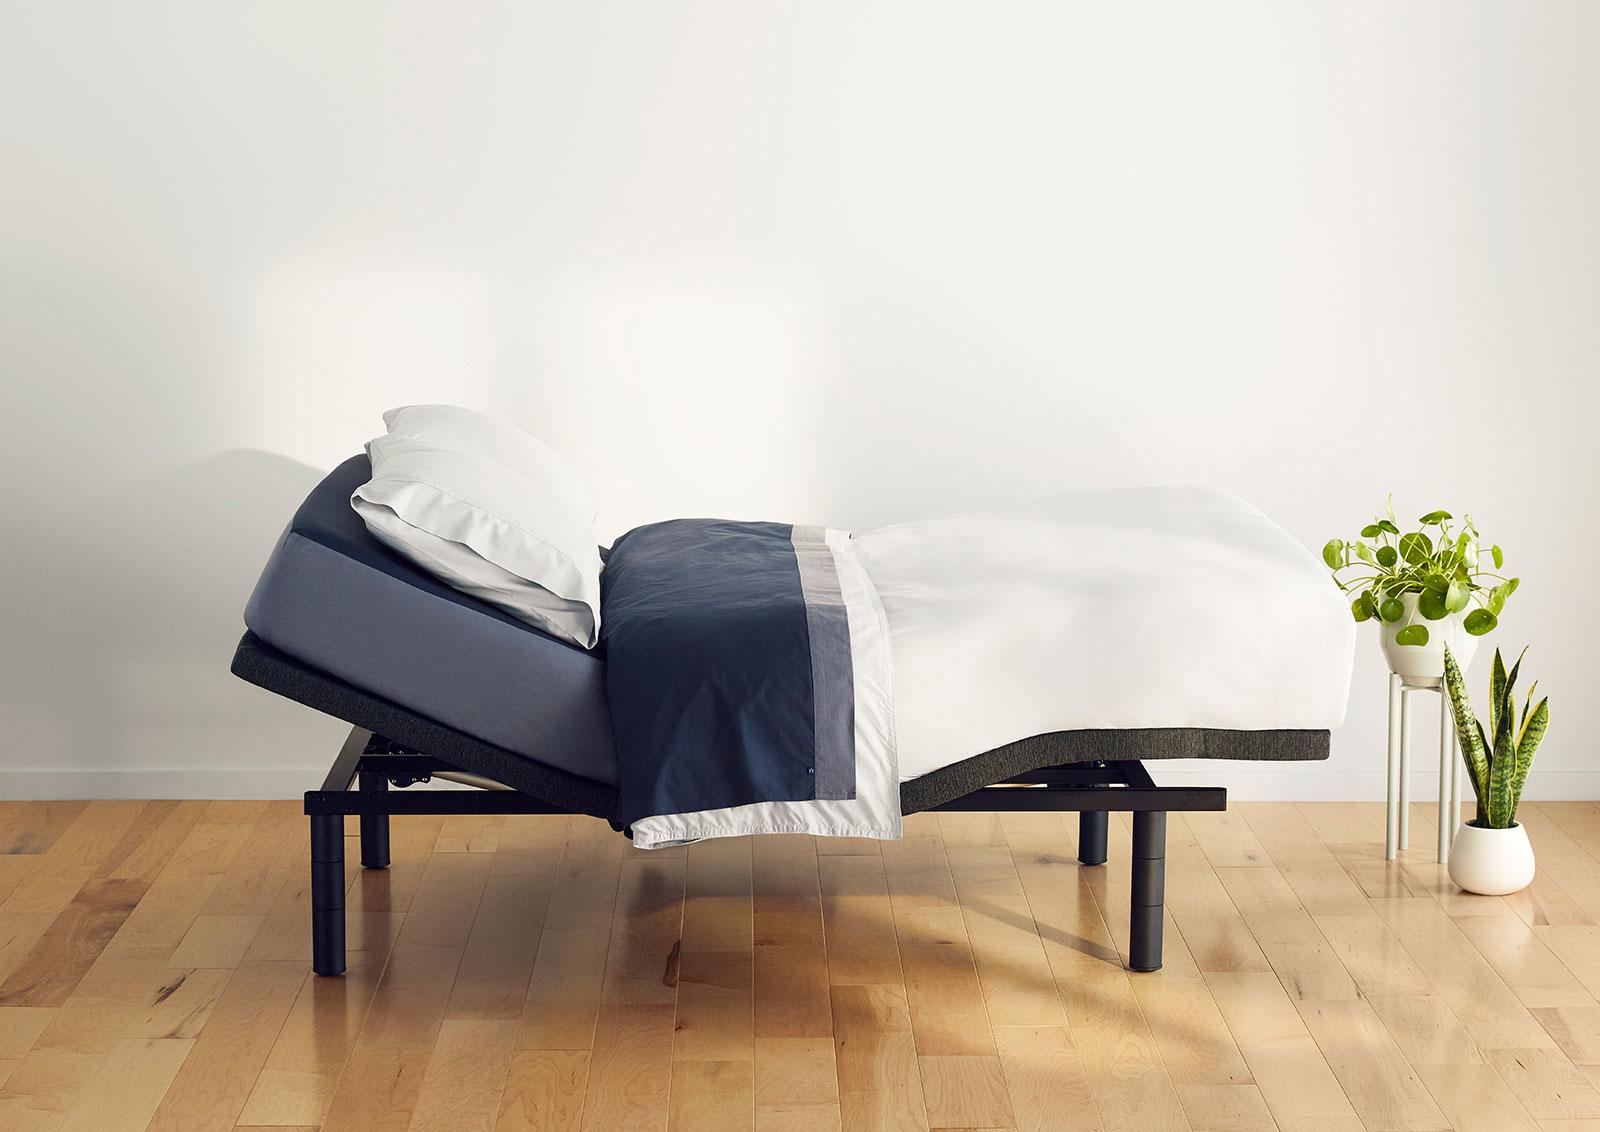 Full Size of Erhöhtes Bett Betten Für übergewichtige Bette Badewannen Landhausstil Stauraum 160x200 Wildeiche 100x200 Innocent Weiss Platzsparend Prinzessin Mit Bett Erhöhtes Bett